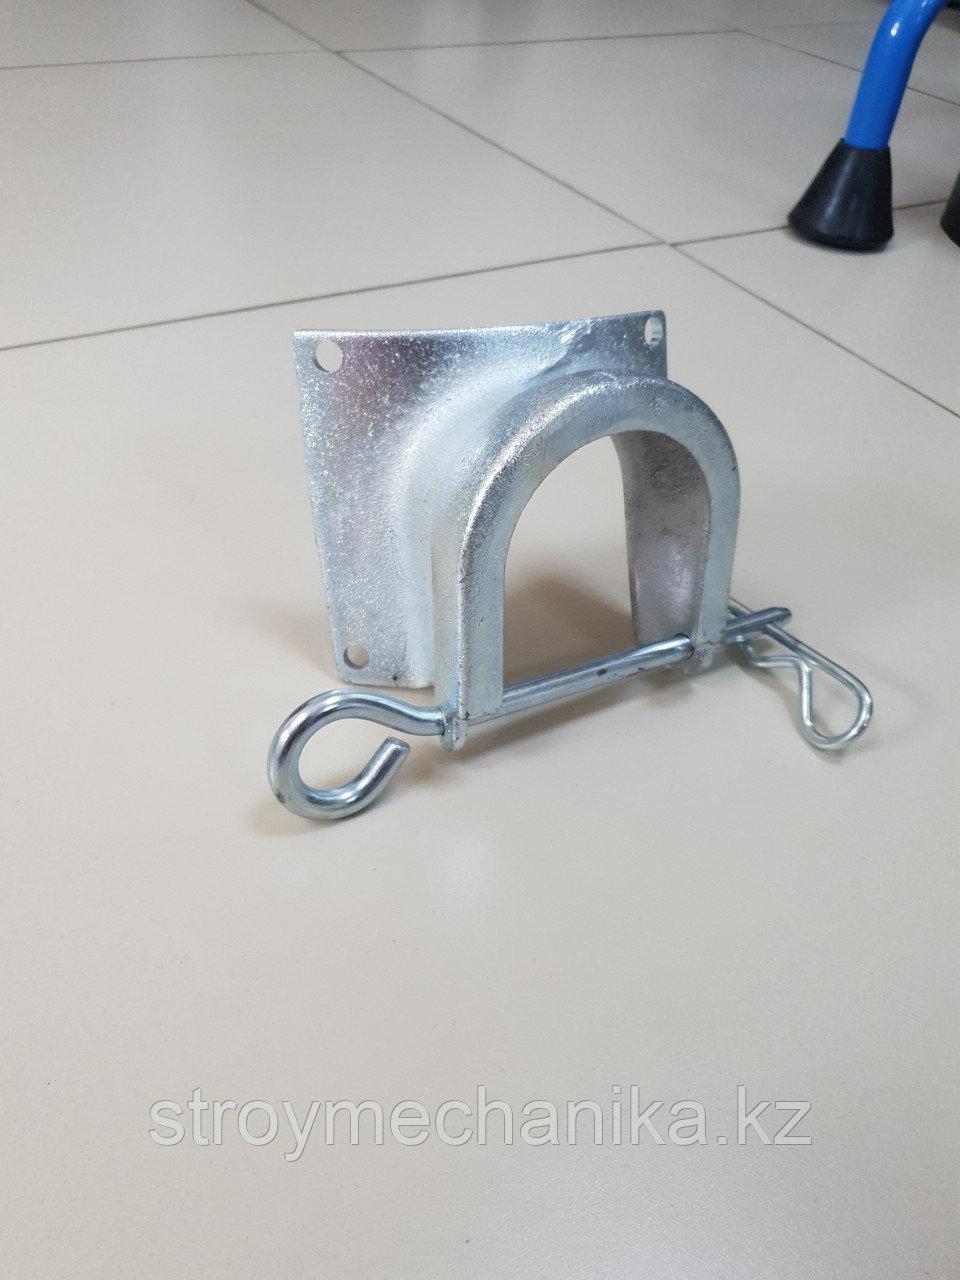 Маска гасителя для пневмонагнетателя д.65 мм.